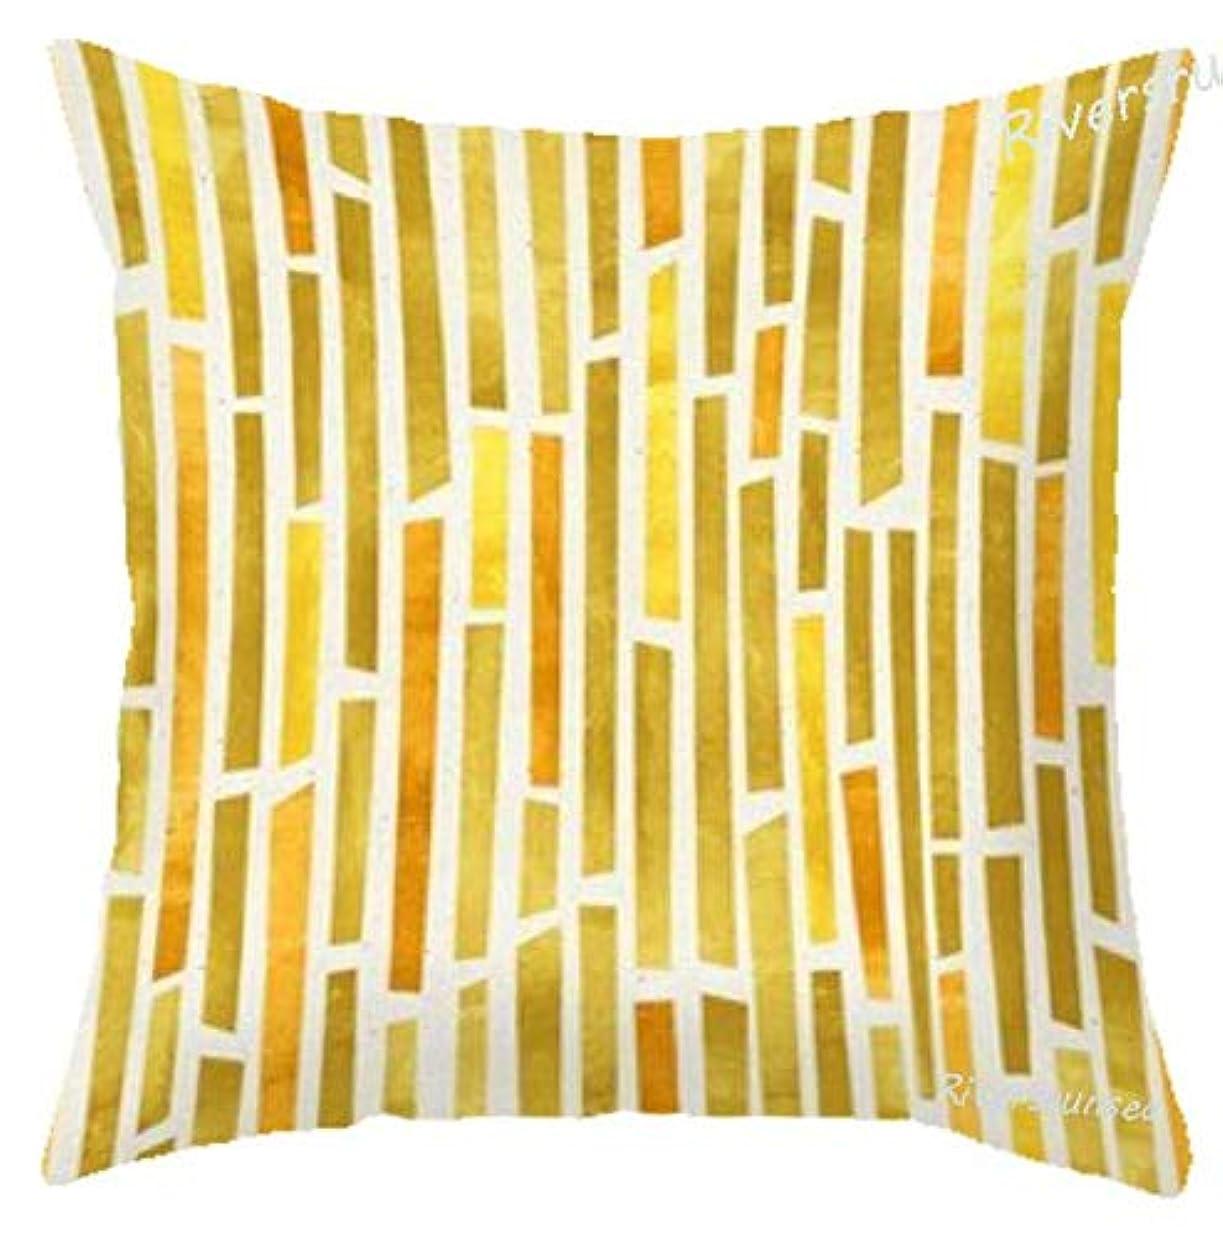 暗記する代わって選択LIFE北欧スタイルの家の装飾幾何学的なクッションミニマリスト装飾ゲイリー金箔の花の枕のためのリビングルームの椅子クッション 椅子